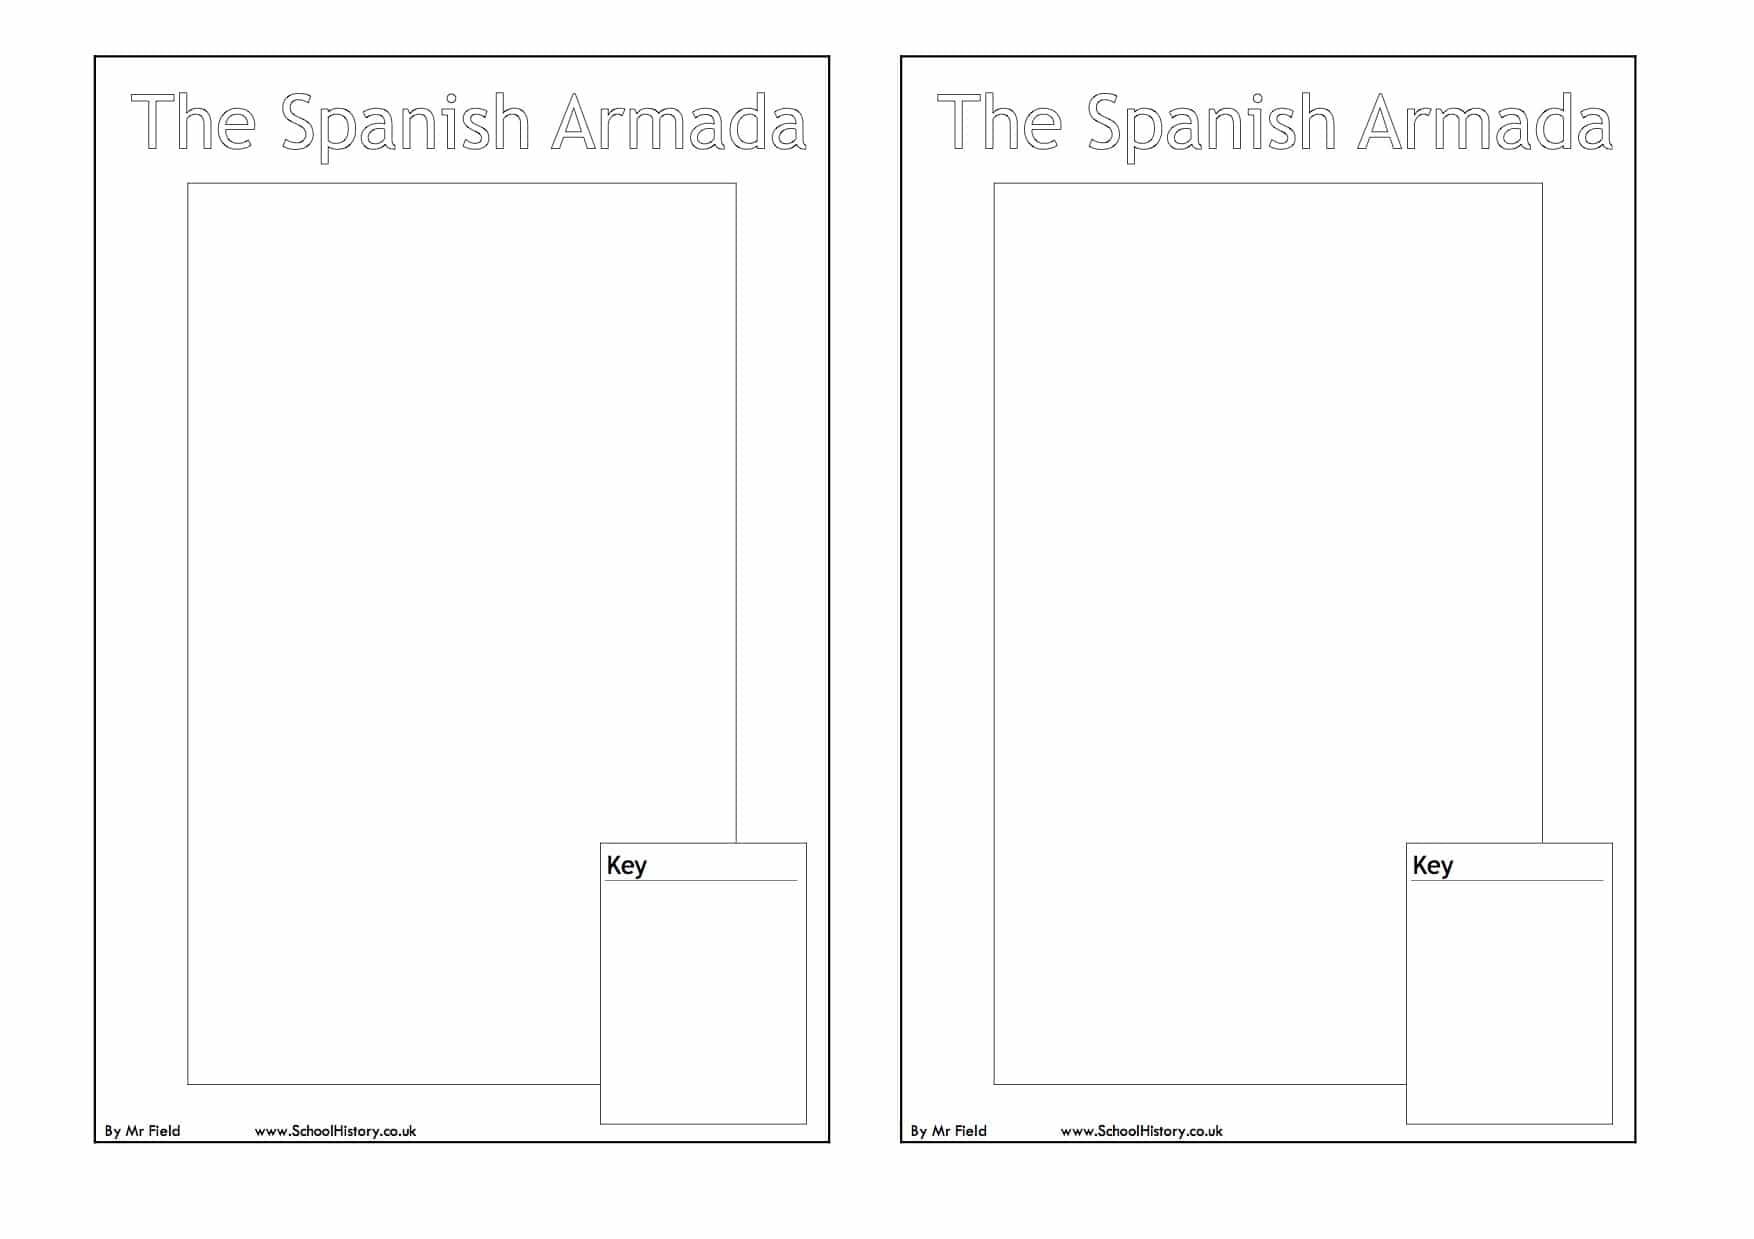 Spanish Armada Map Worksheet